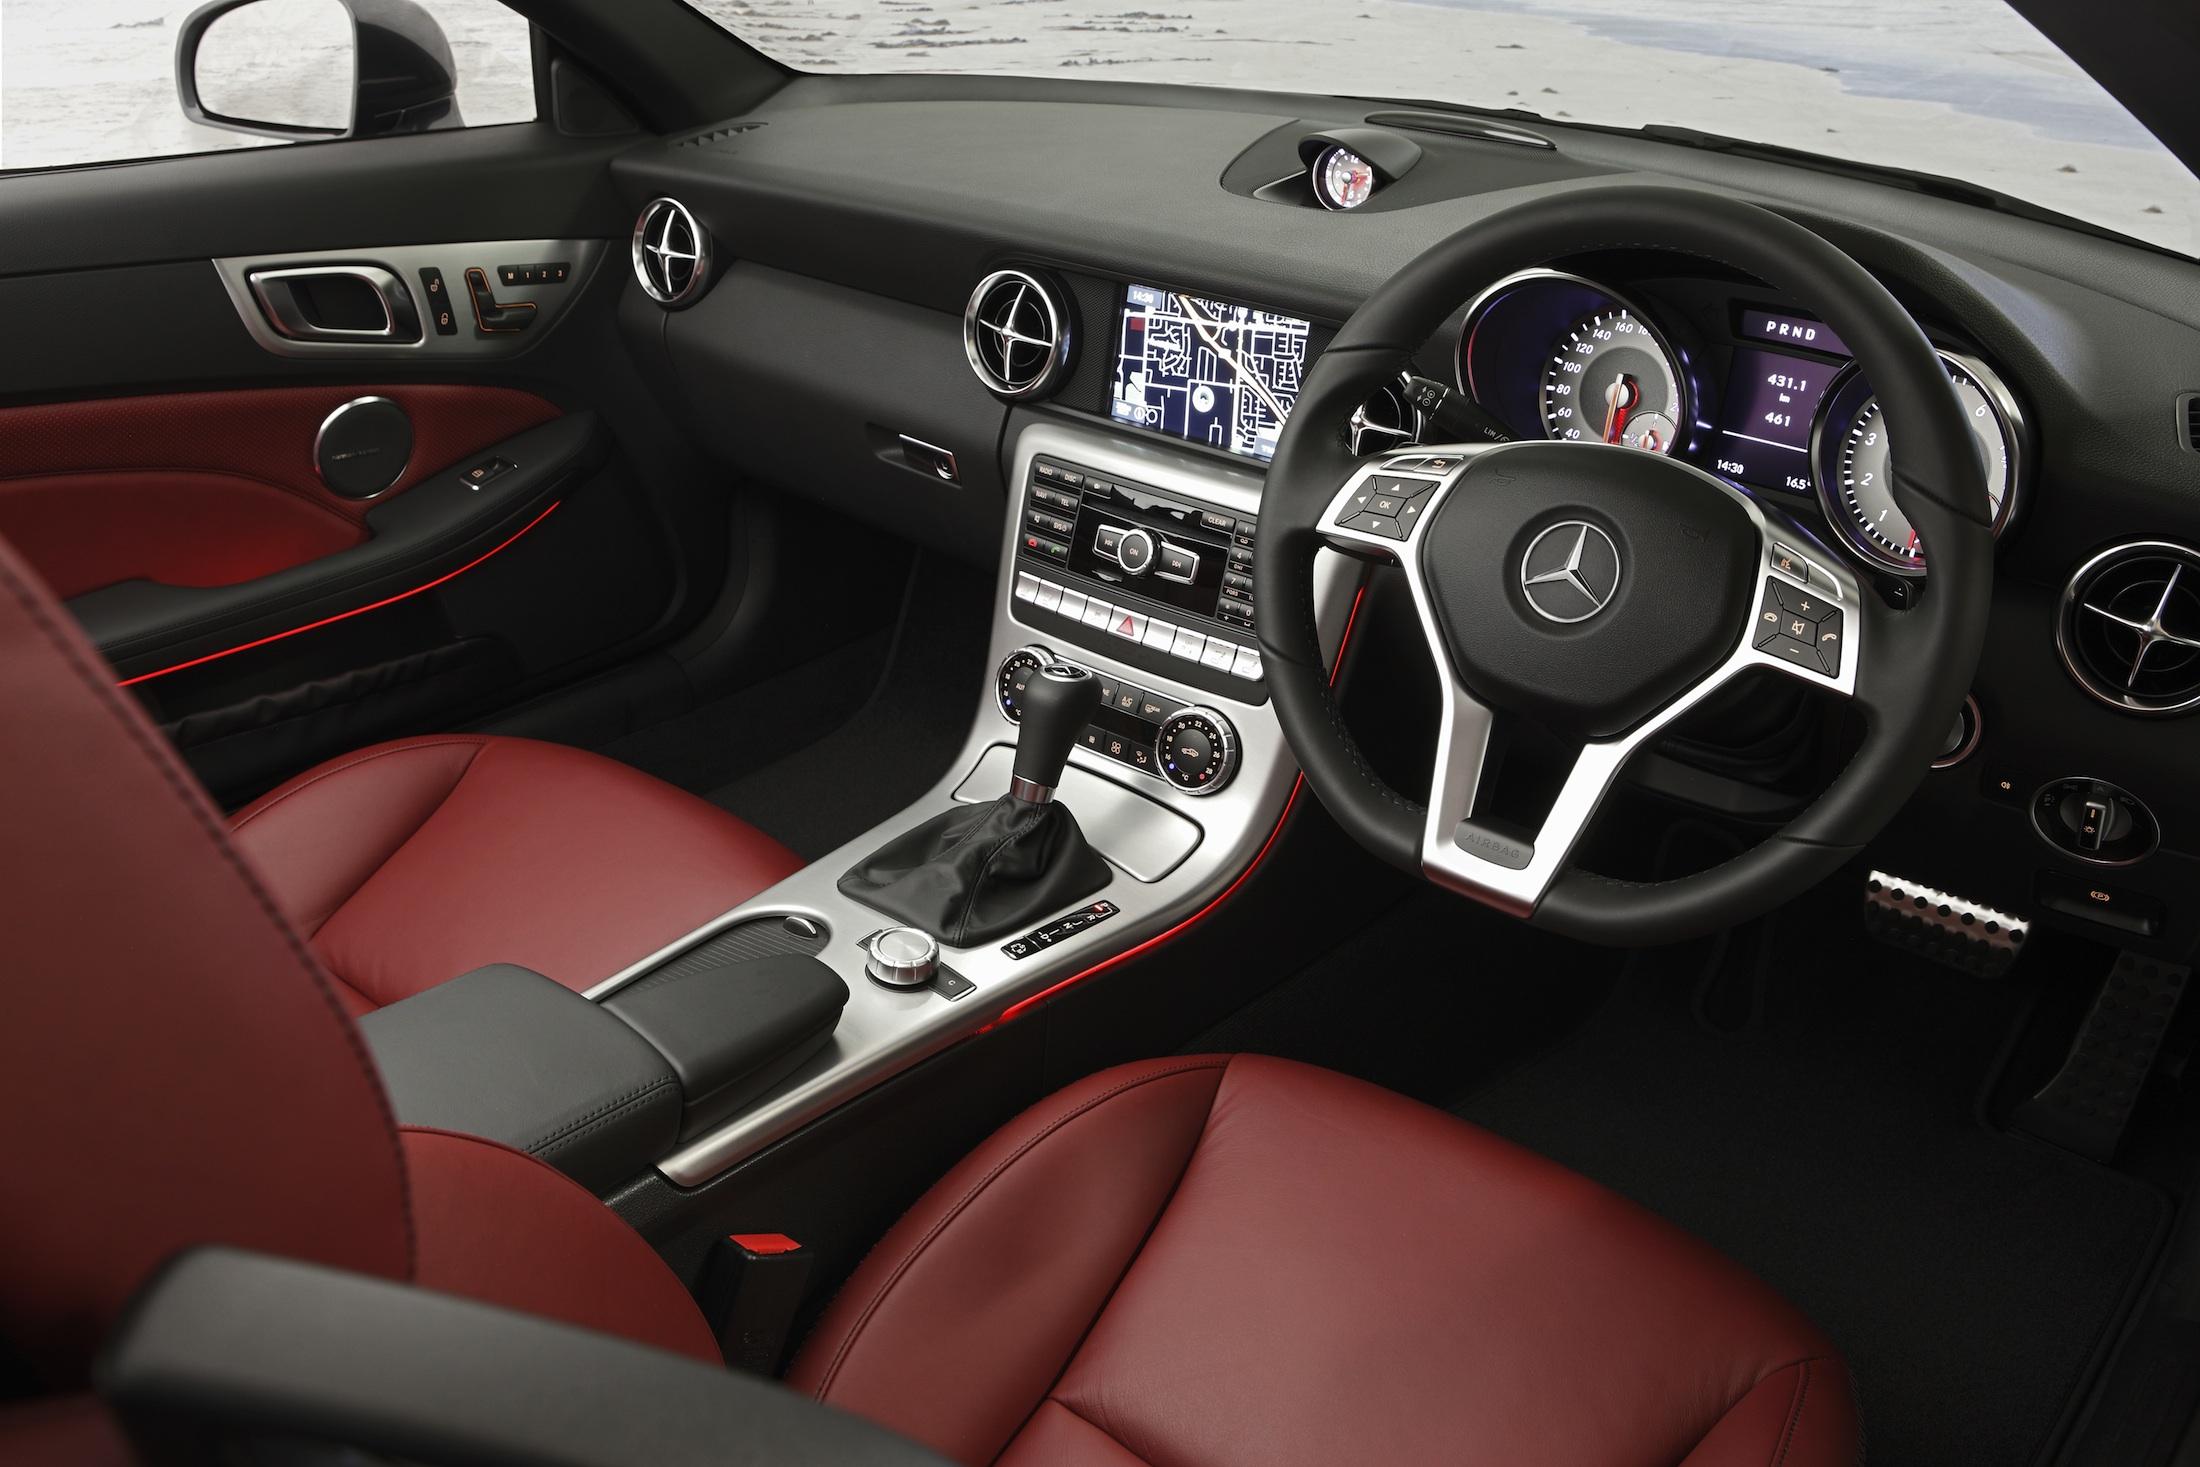 Mercedes Benz Slk250 Review Photos Caradvice